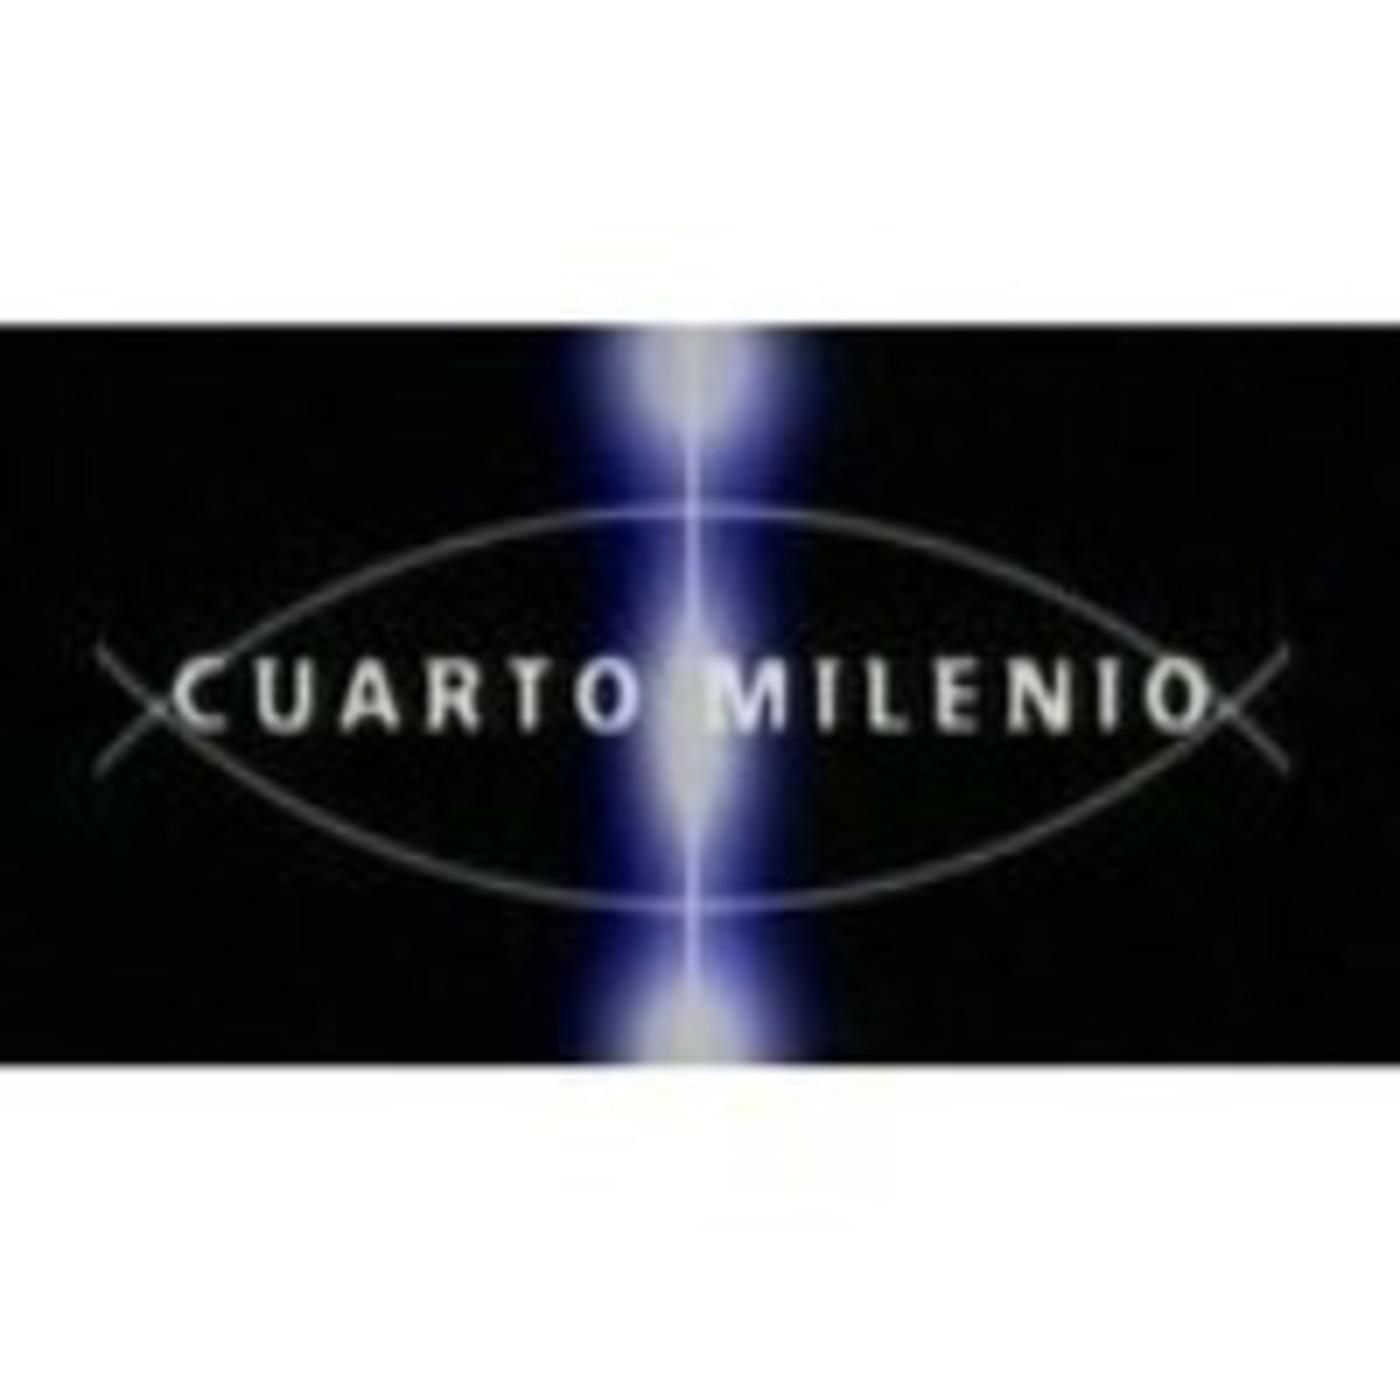 Especial Cuarto Milenio: \'Archivos Oscuros\' en Lo mejor de Cuarto ...